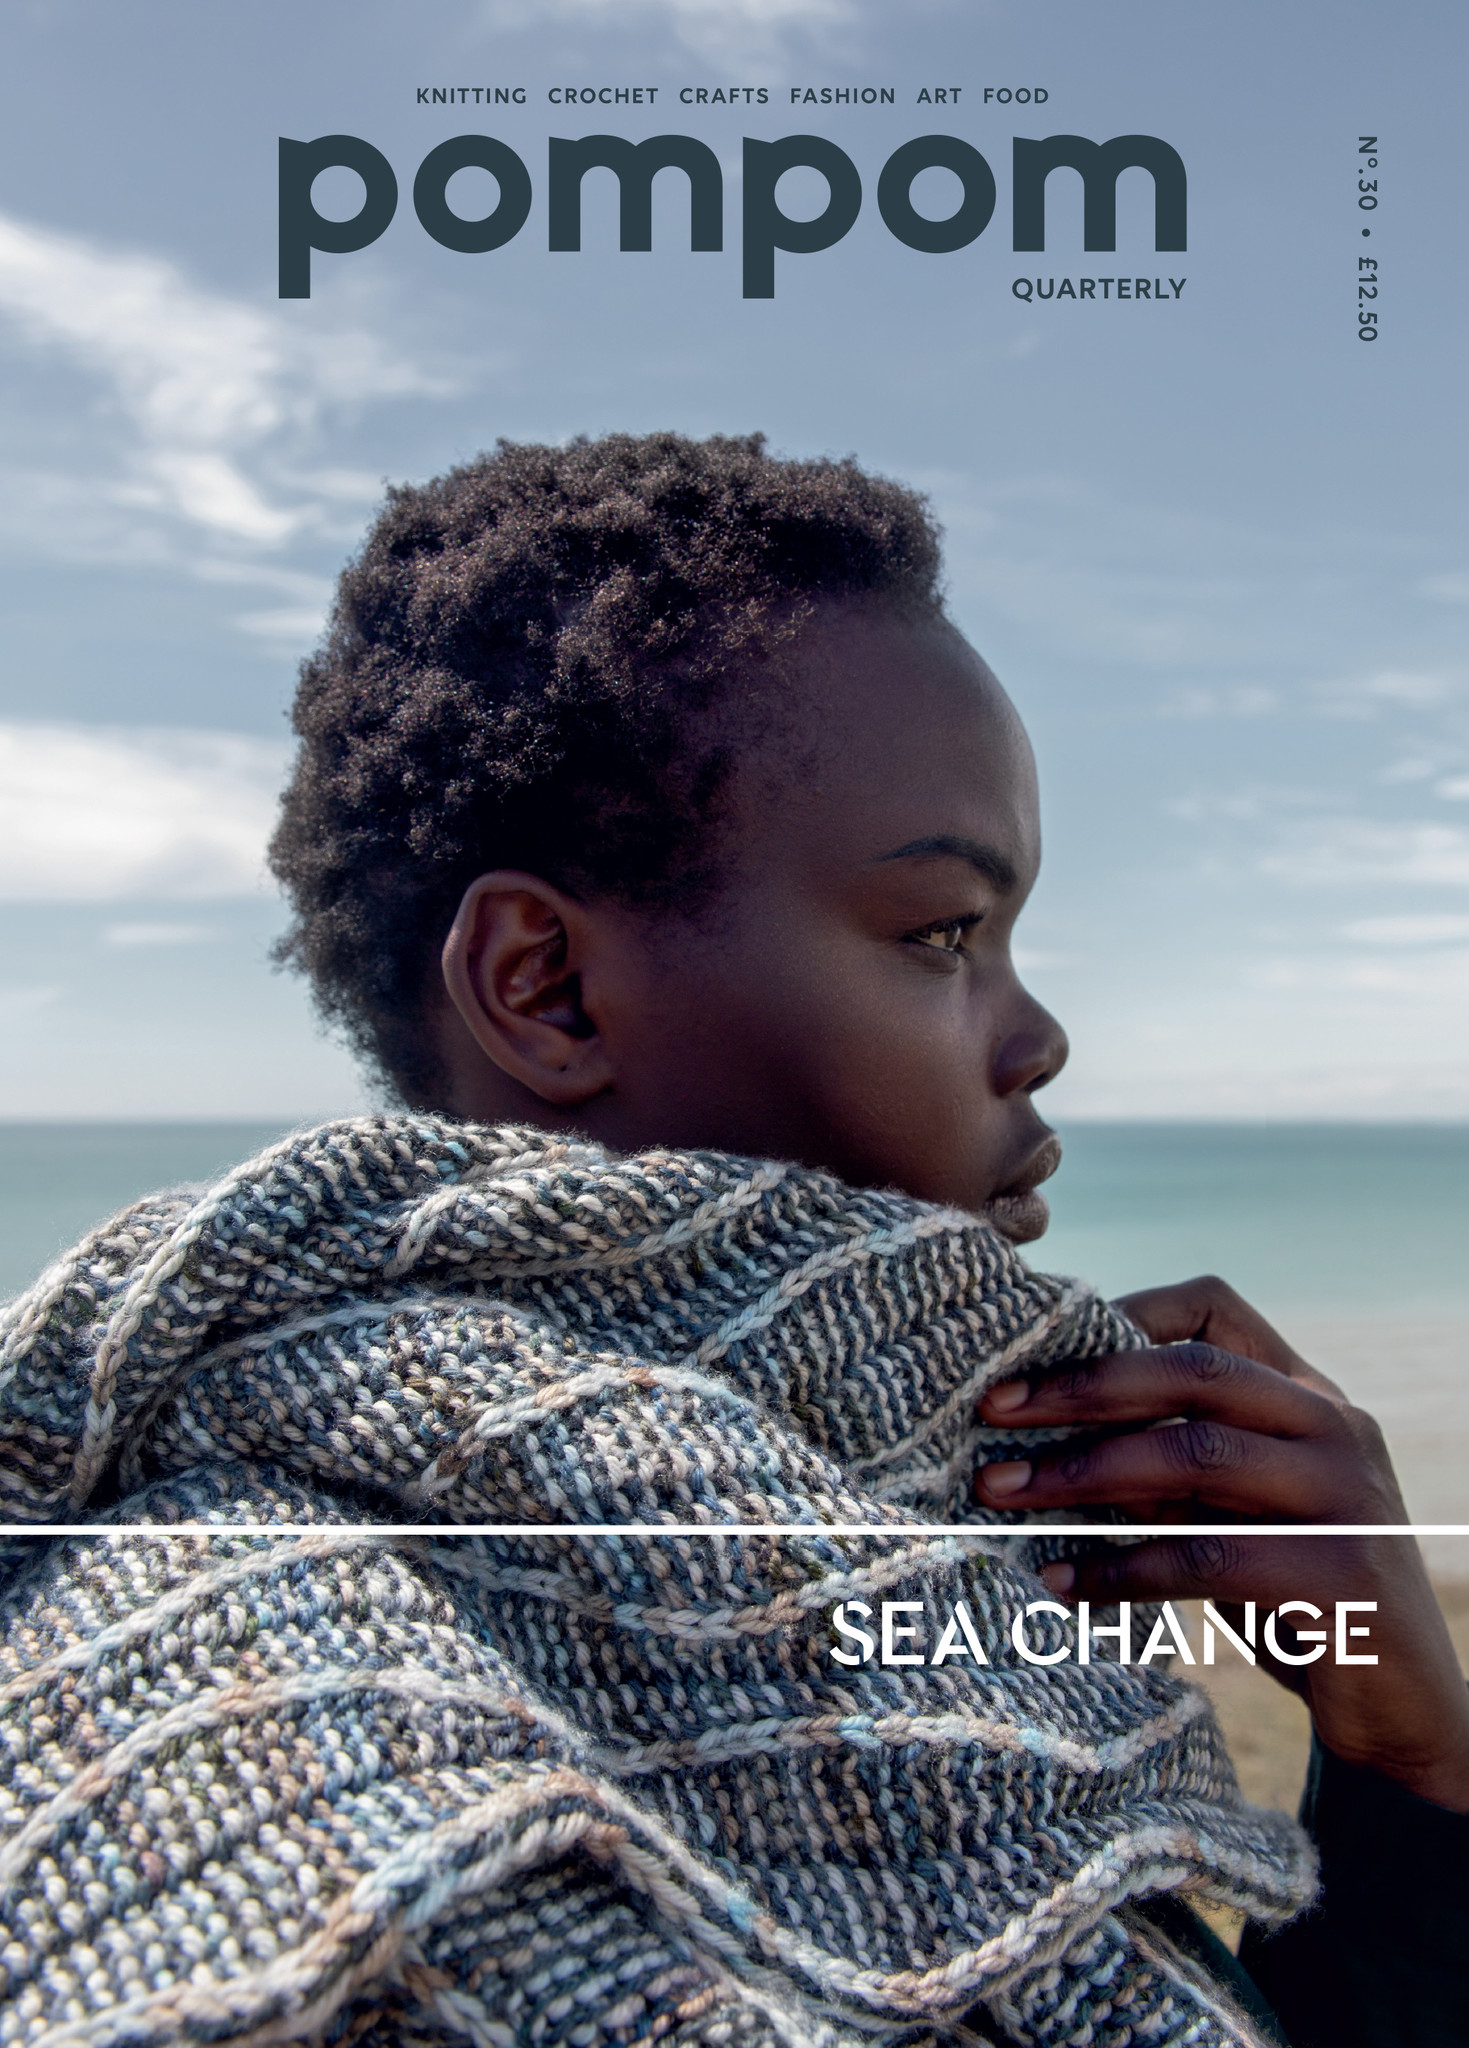 Pompom PomPom Quarterly - - Issue 30 Sea Change